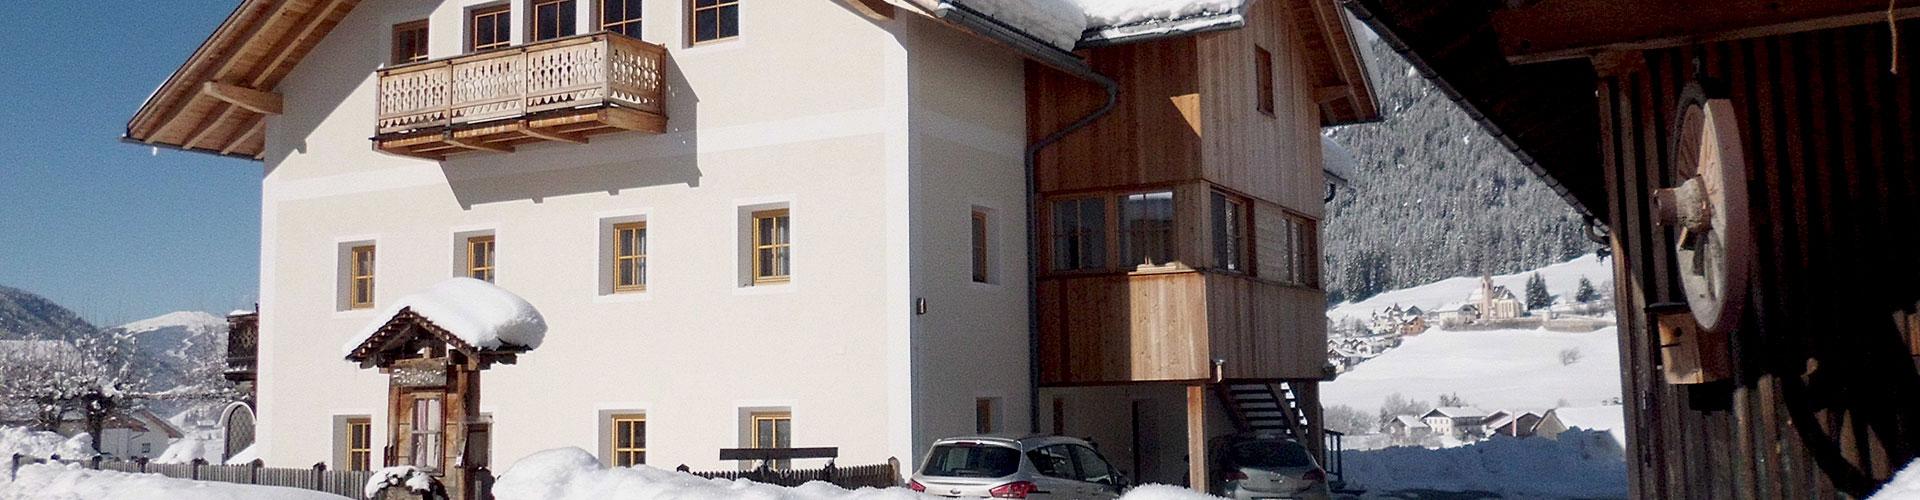 bg-winter22